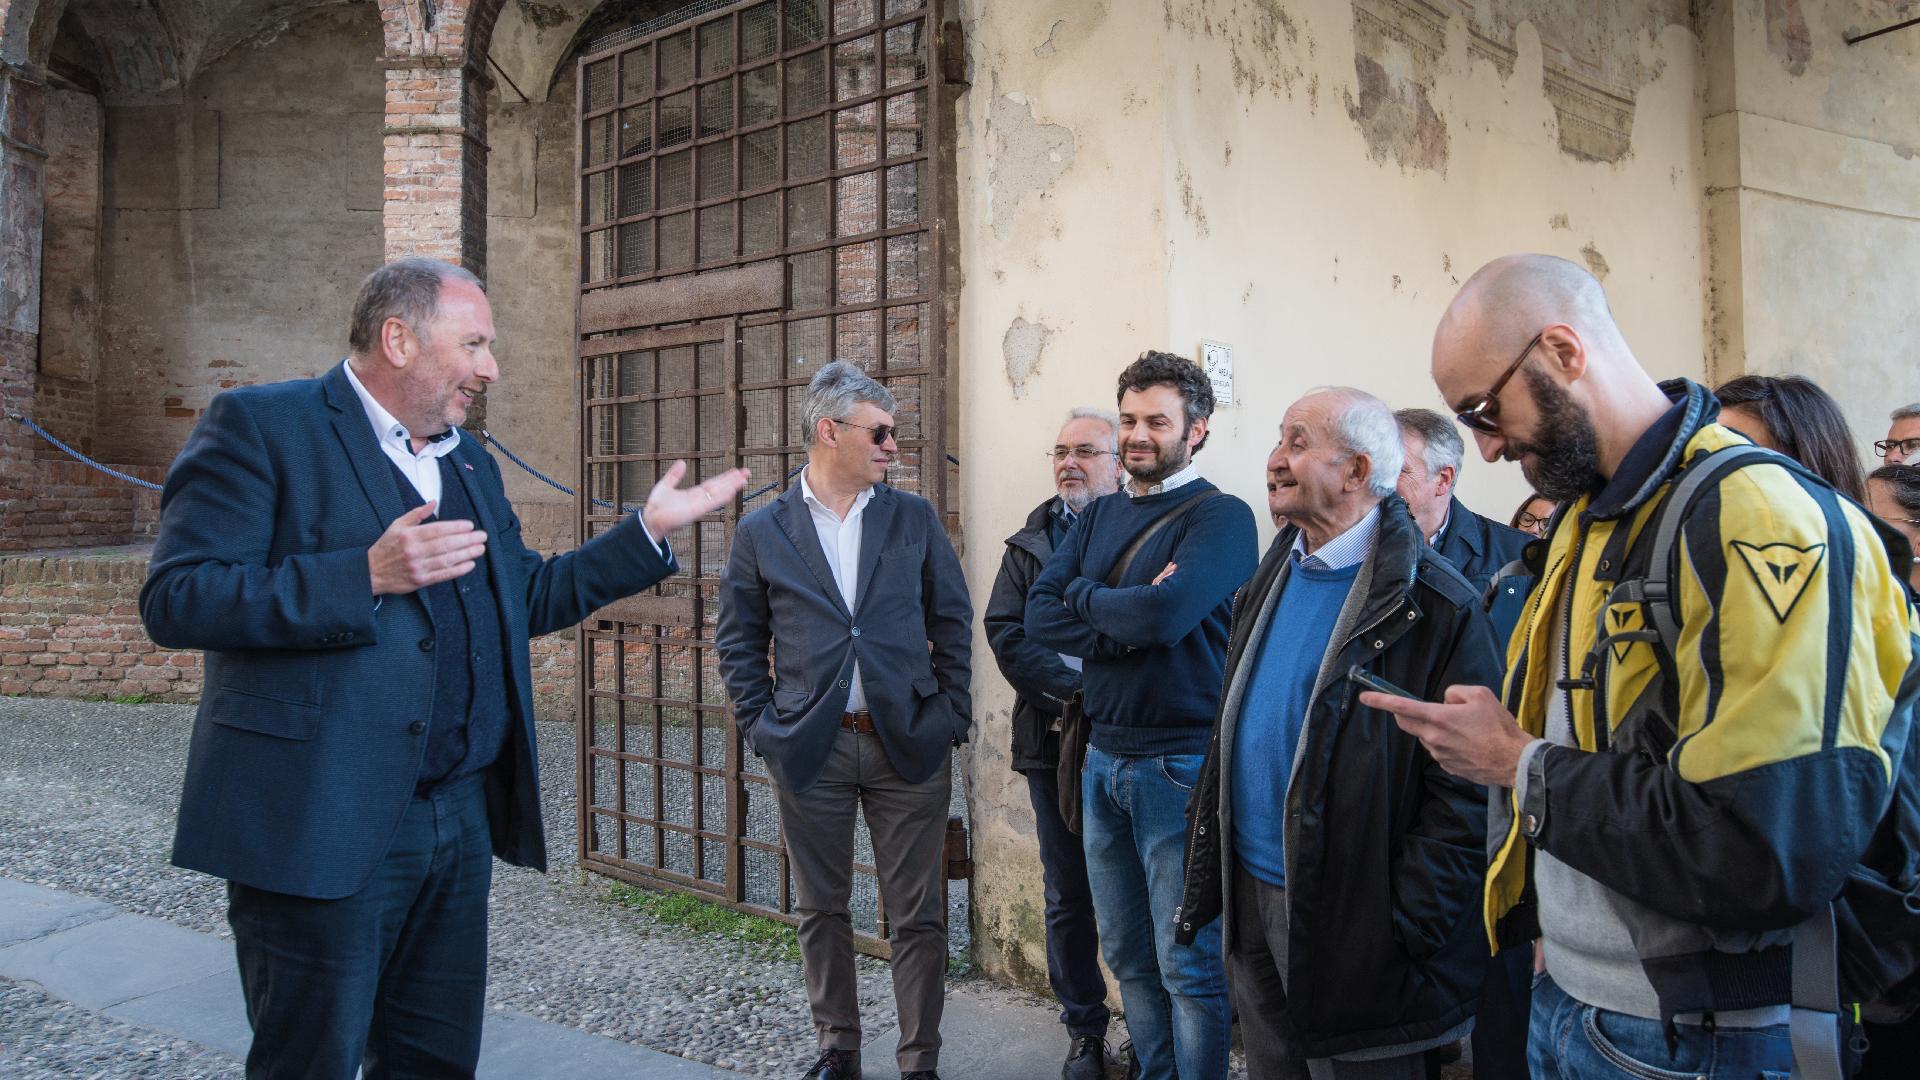 MARMI GHIRARDI INCONTRA GLI ARCHITETTI DI MANTOVA